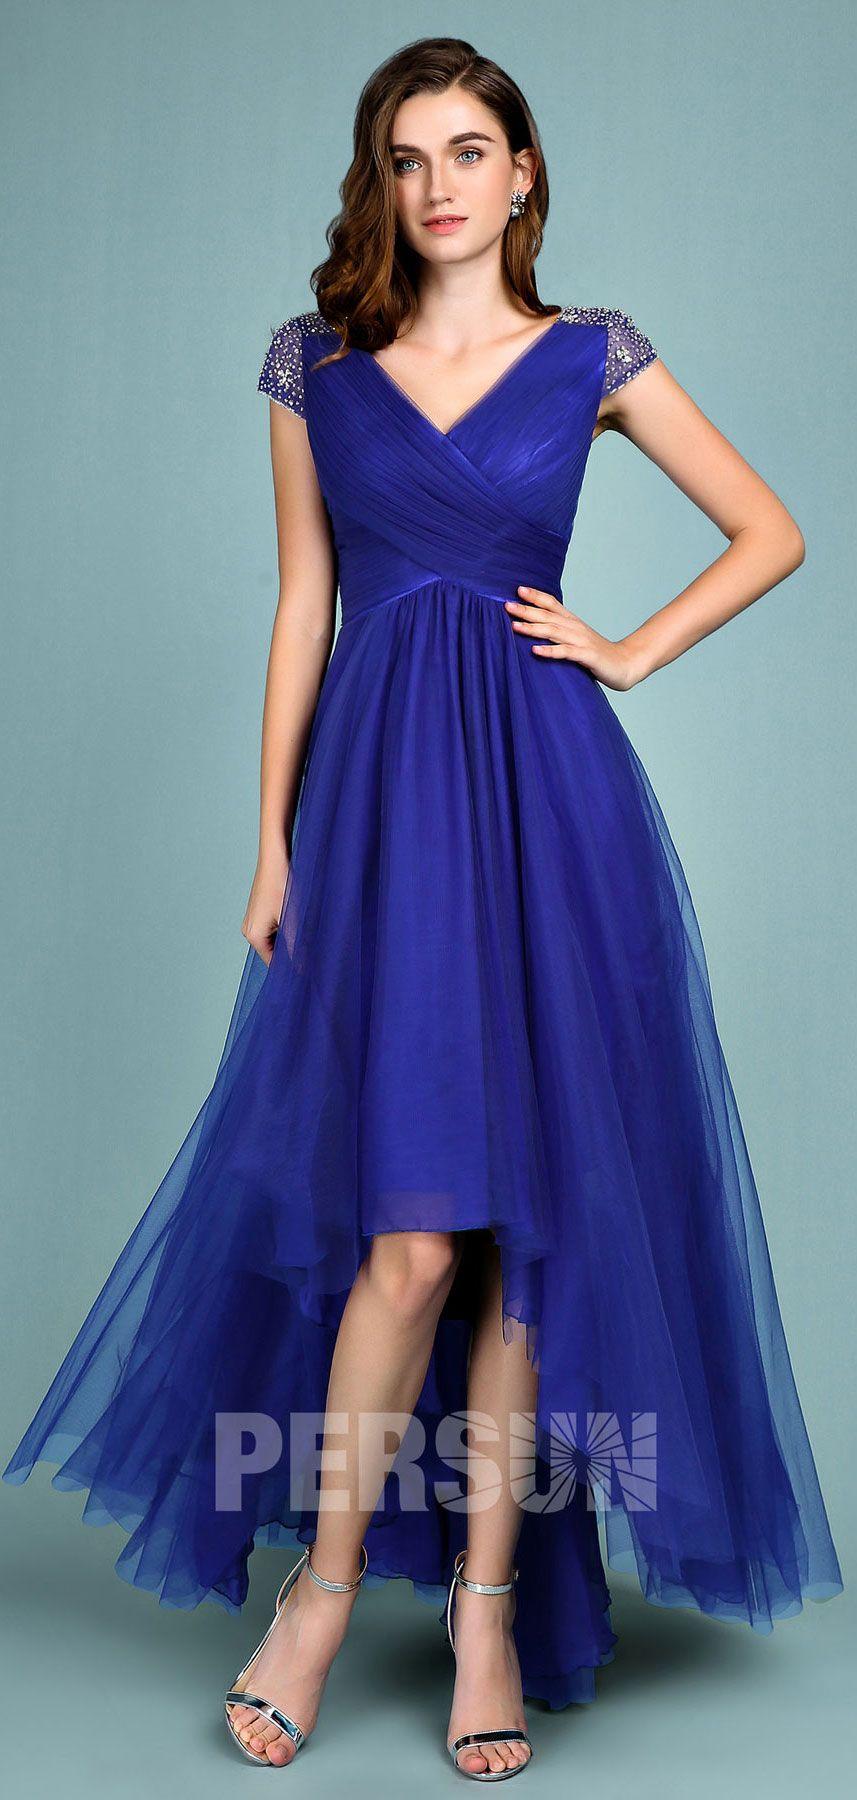 Robe de soirée bleu roi courte devant longue